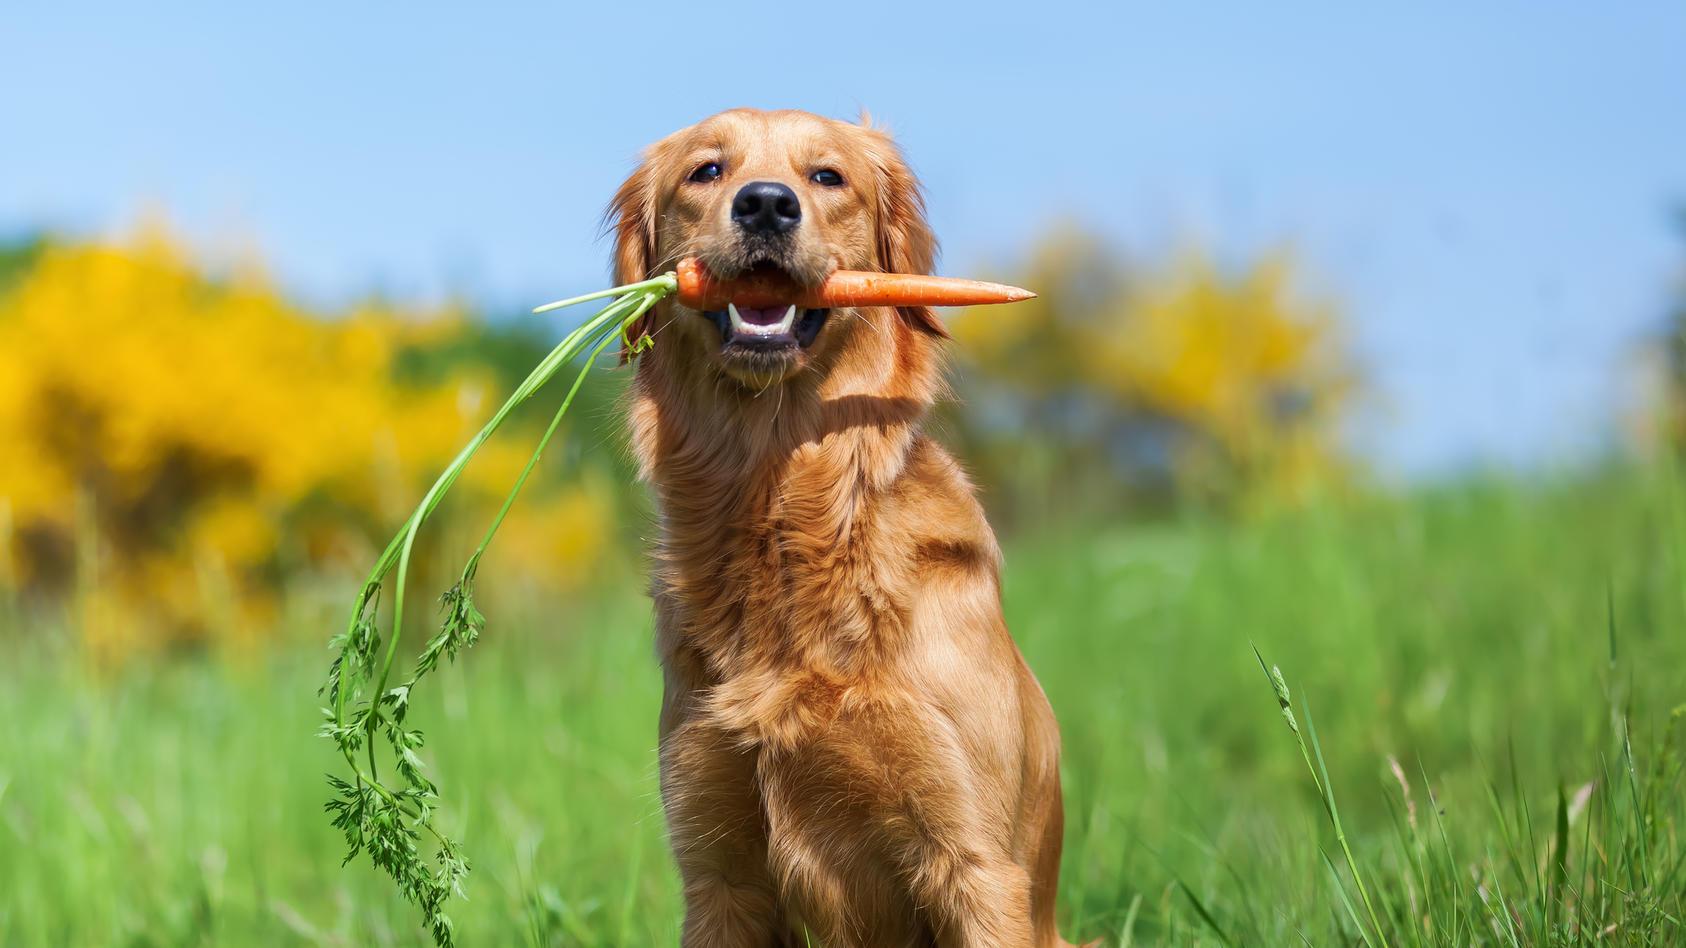 Wer zum Vegetarier oder Veganer wird, möchte auch, dass das Haustier die Ernährungsweise übernimmt. Doch ist das überhaupt gesund für Hunde?